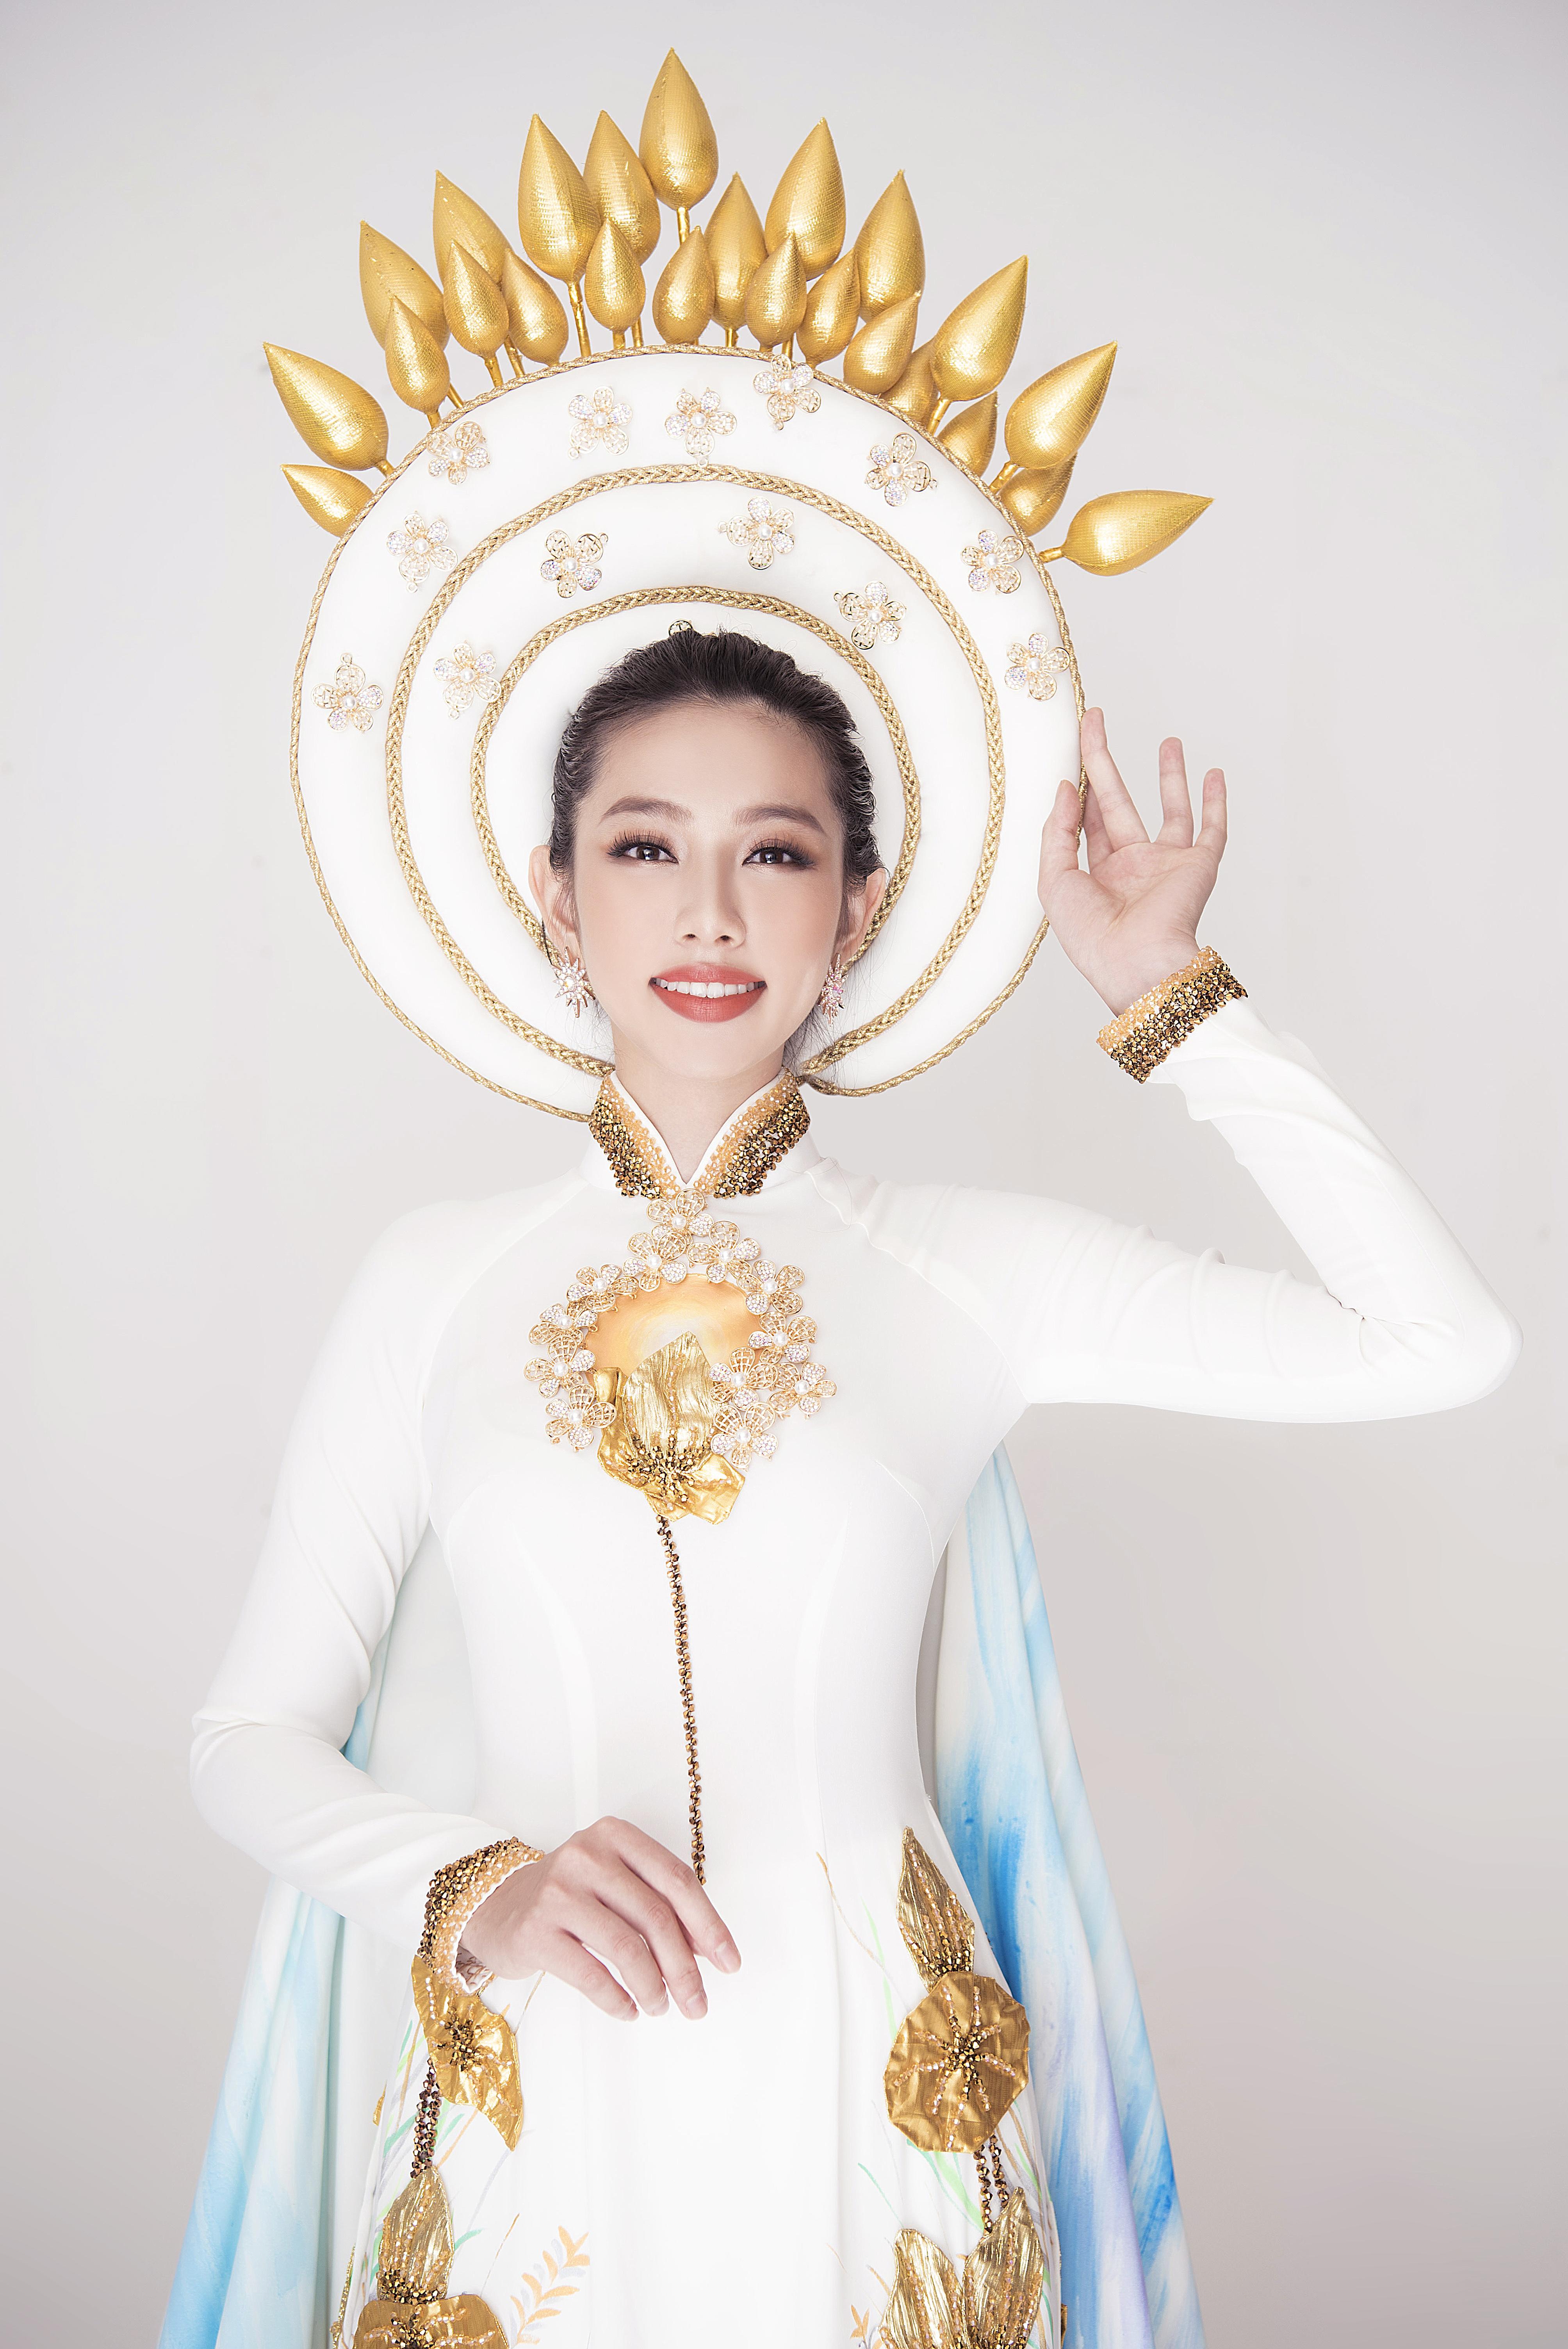 Sau chiến thắng vang dội của Phương Khánh, Thùy Tiên càng được chú ý hơn khi công bố trang phục dân tộc ở Miss International 2018 Ảnh 6